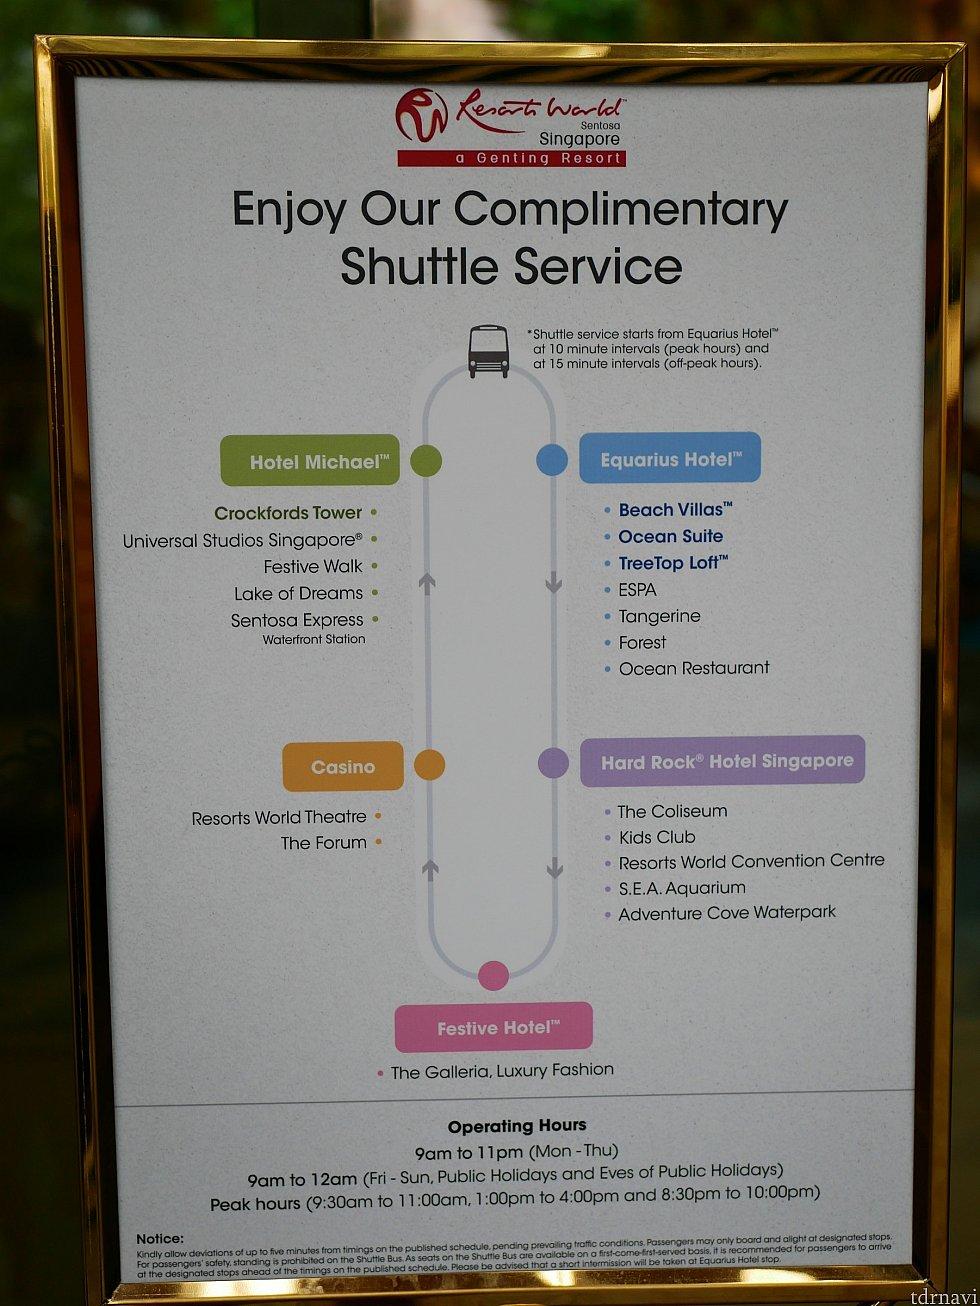 【パークへの移動】歩いても行けますが、シャトルバスを利用しました😌乗って5分くらいでユニバーサルスタジオの近くの駅に着きます。バスがすぐにくれば10分もしないうちにパークに着きます✨ アドベンチャーコーブであれば、ホテルでチケット購入&チェックインができ、裏口からコーブに入れるそうなので便利な立地です✨